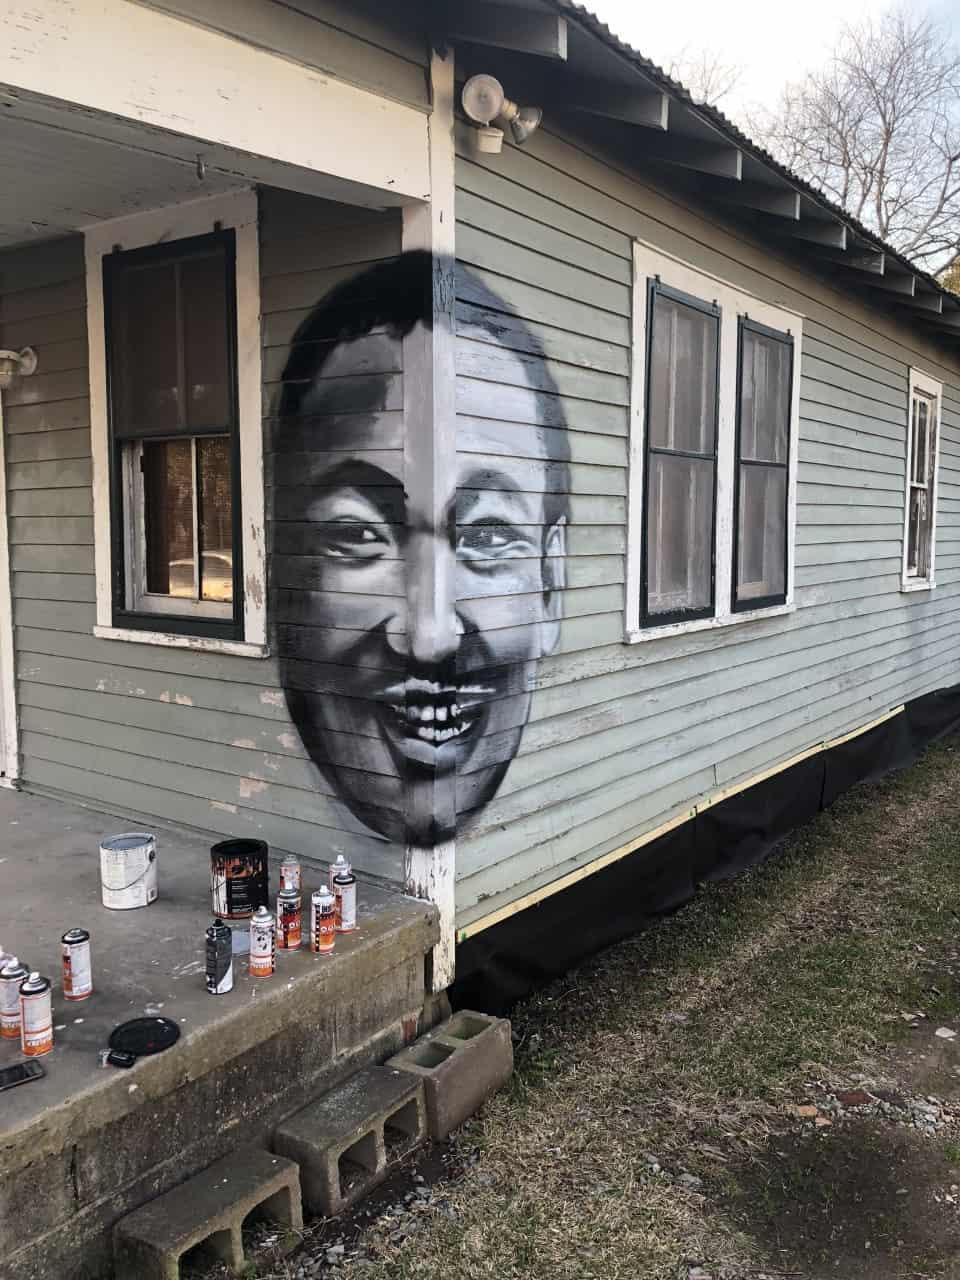 Martin Luther King Jr. street art